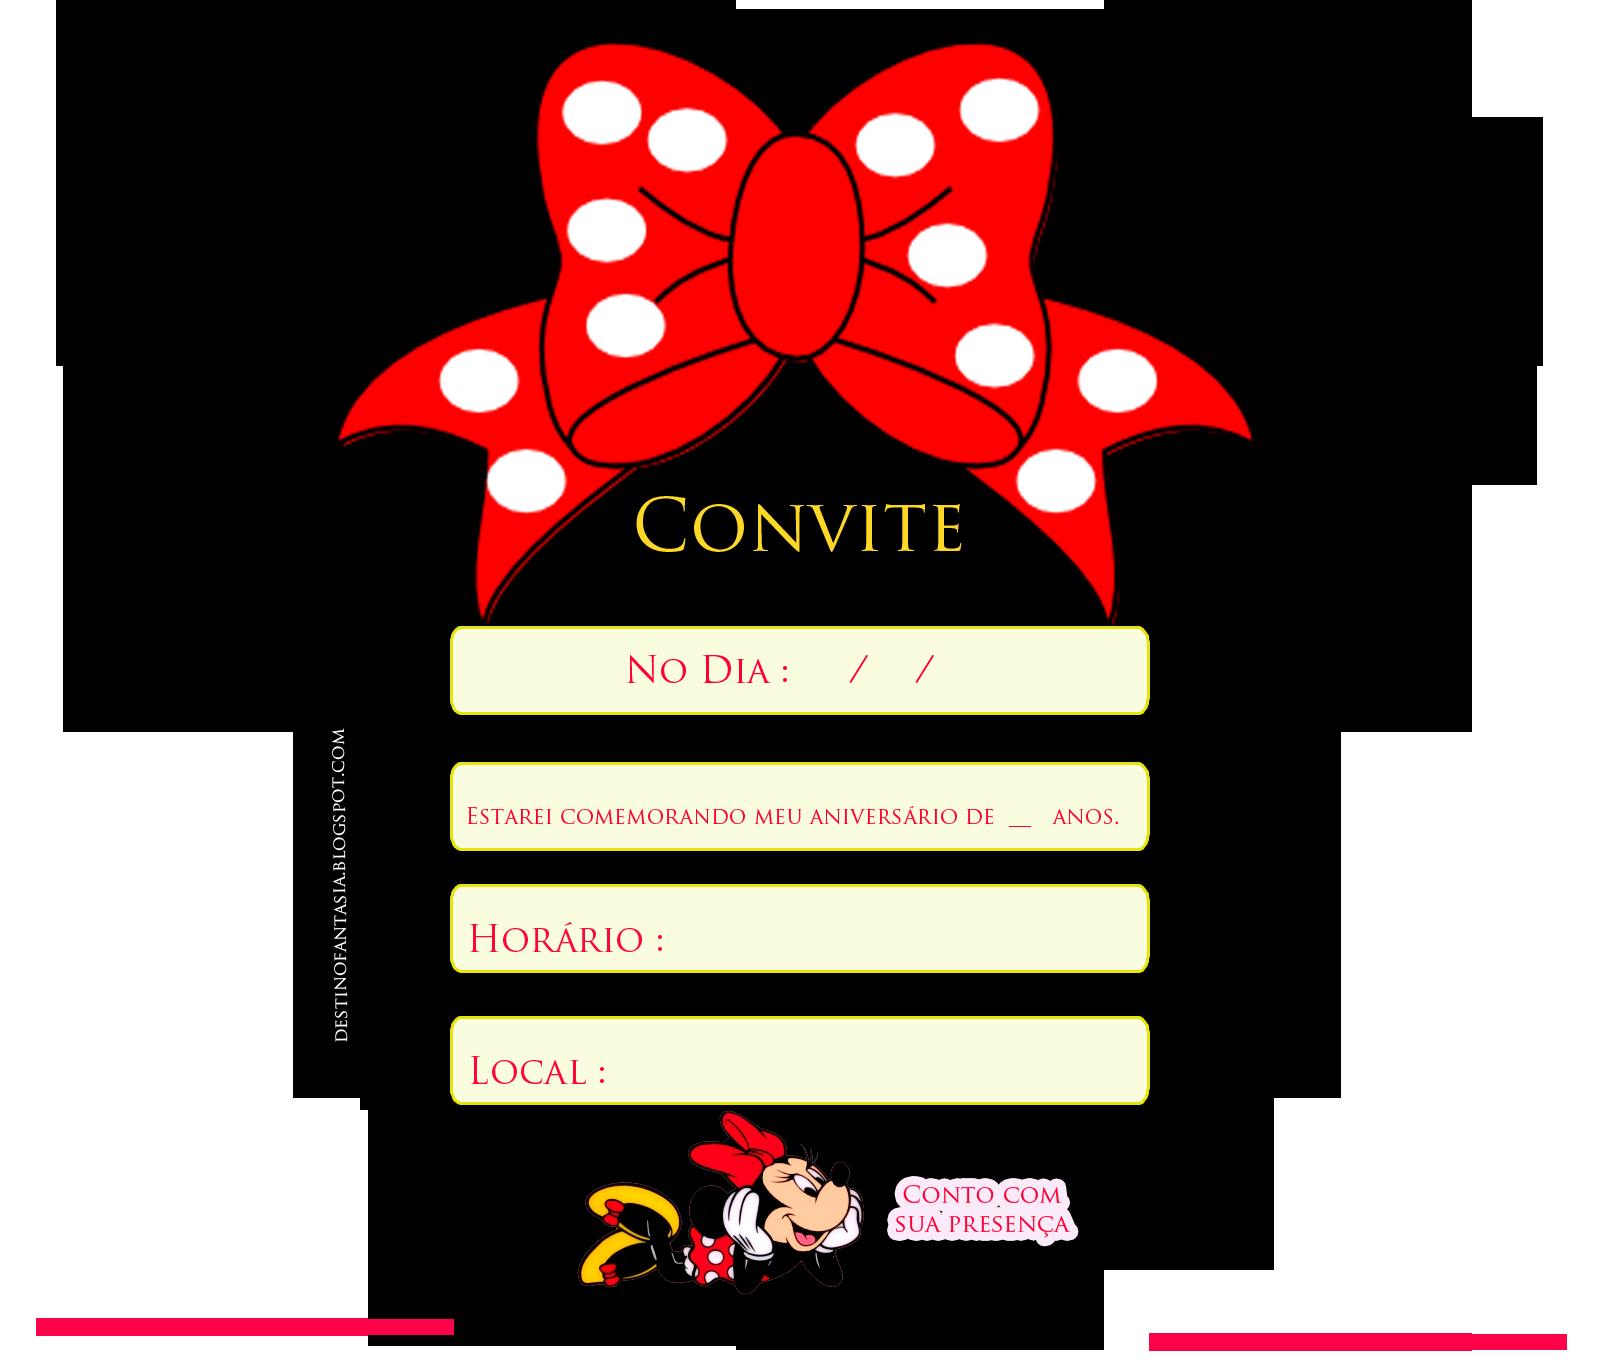 Convite Orelhas Festa Minie Convites